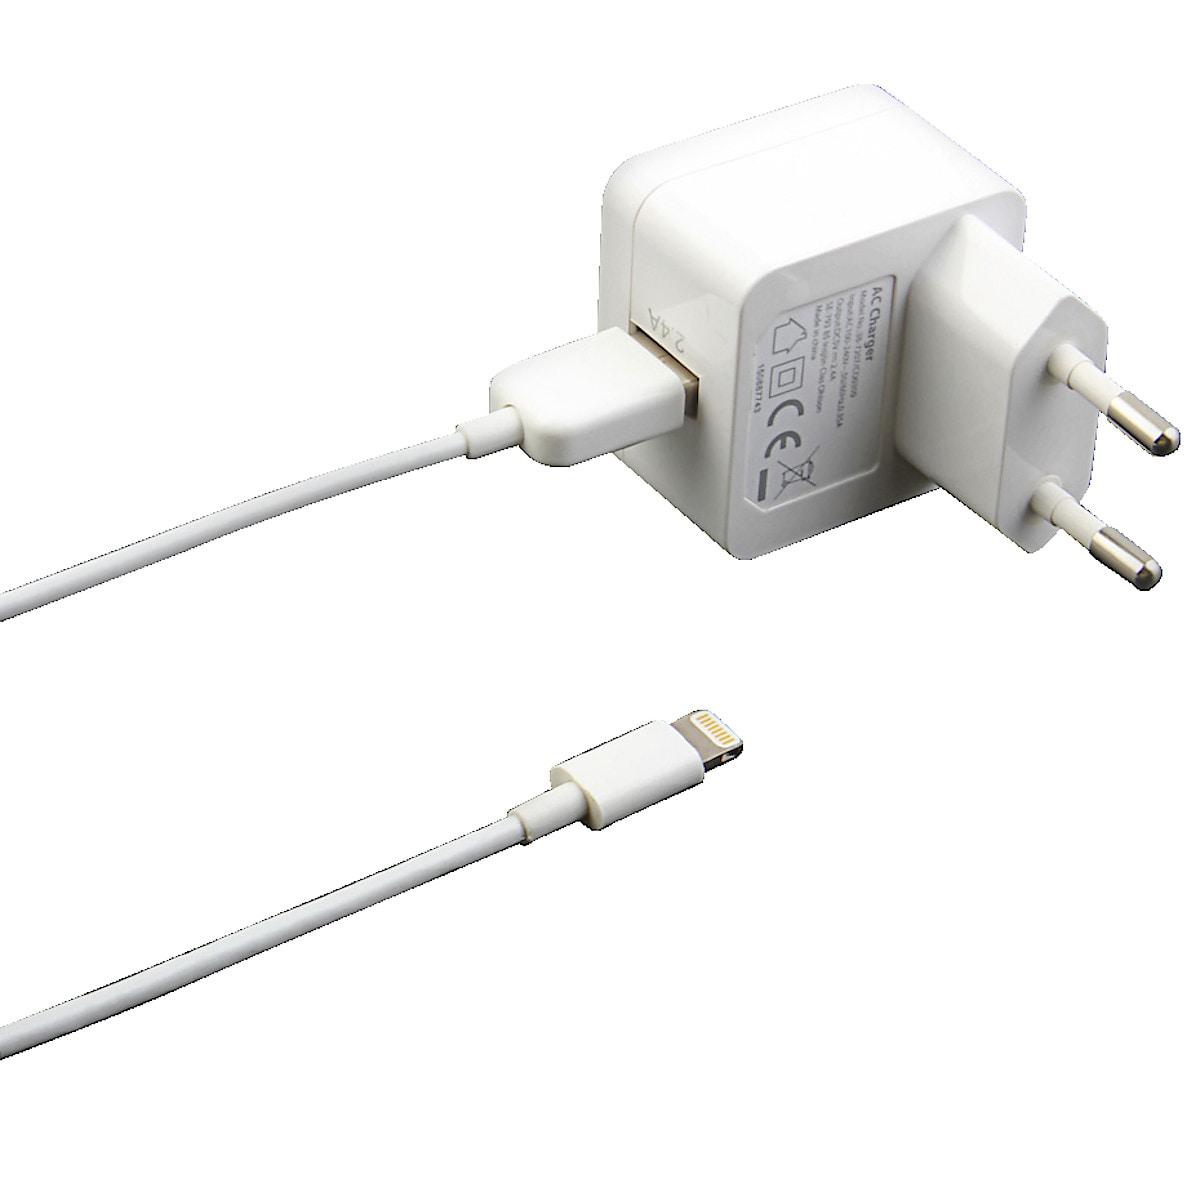 Laddare Lightning för iPodiPhoneiPad, Exibel till